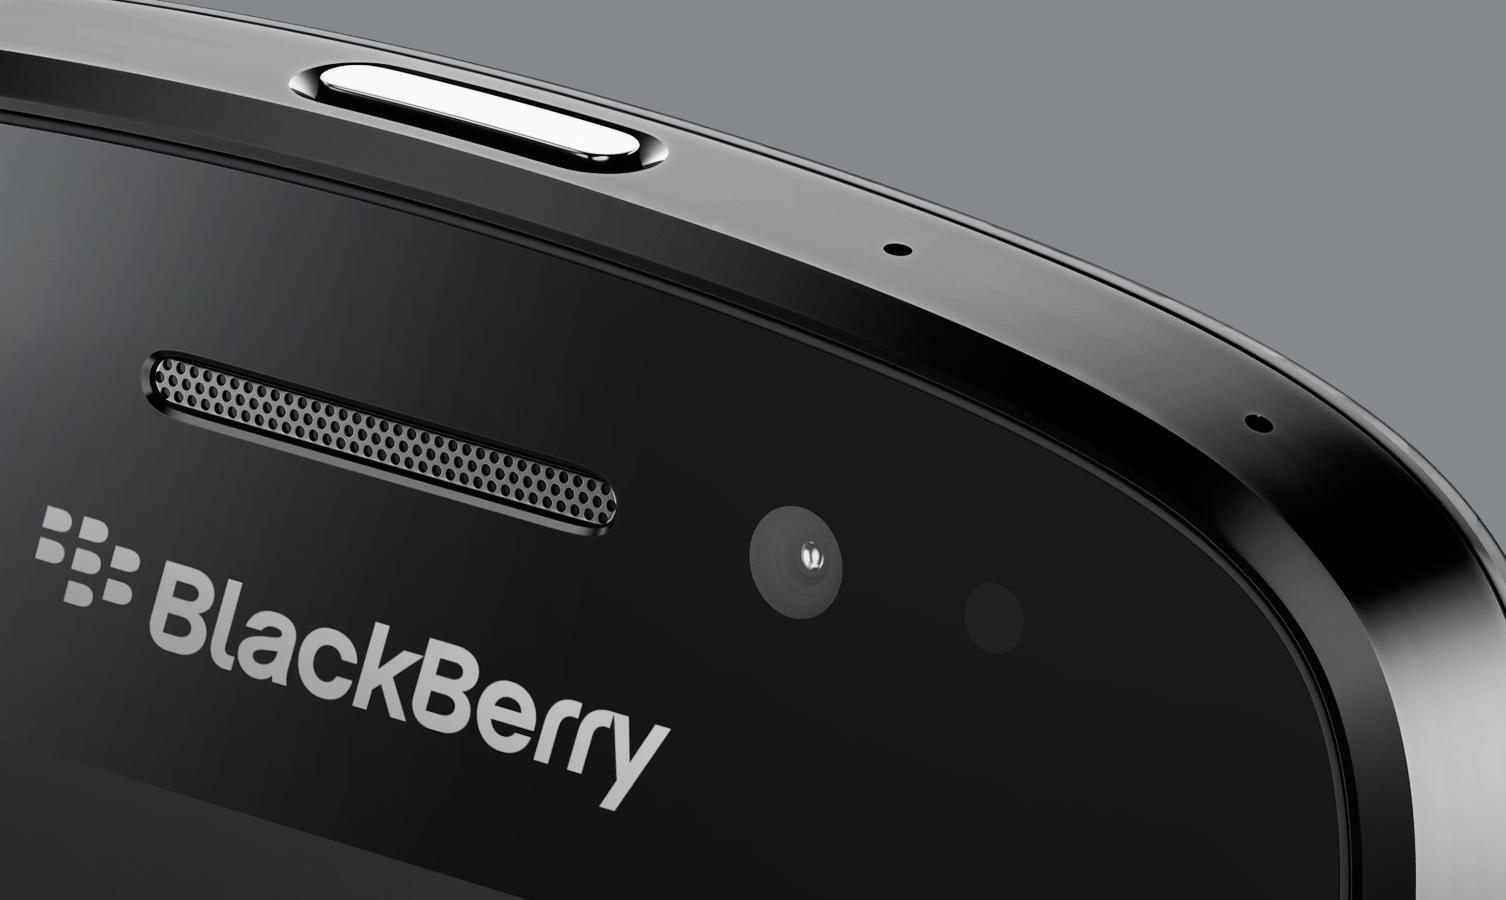 BlackBerry wieder mit Verlusten – und kein BB10 für das PlayBook